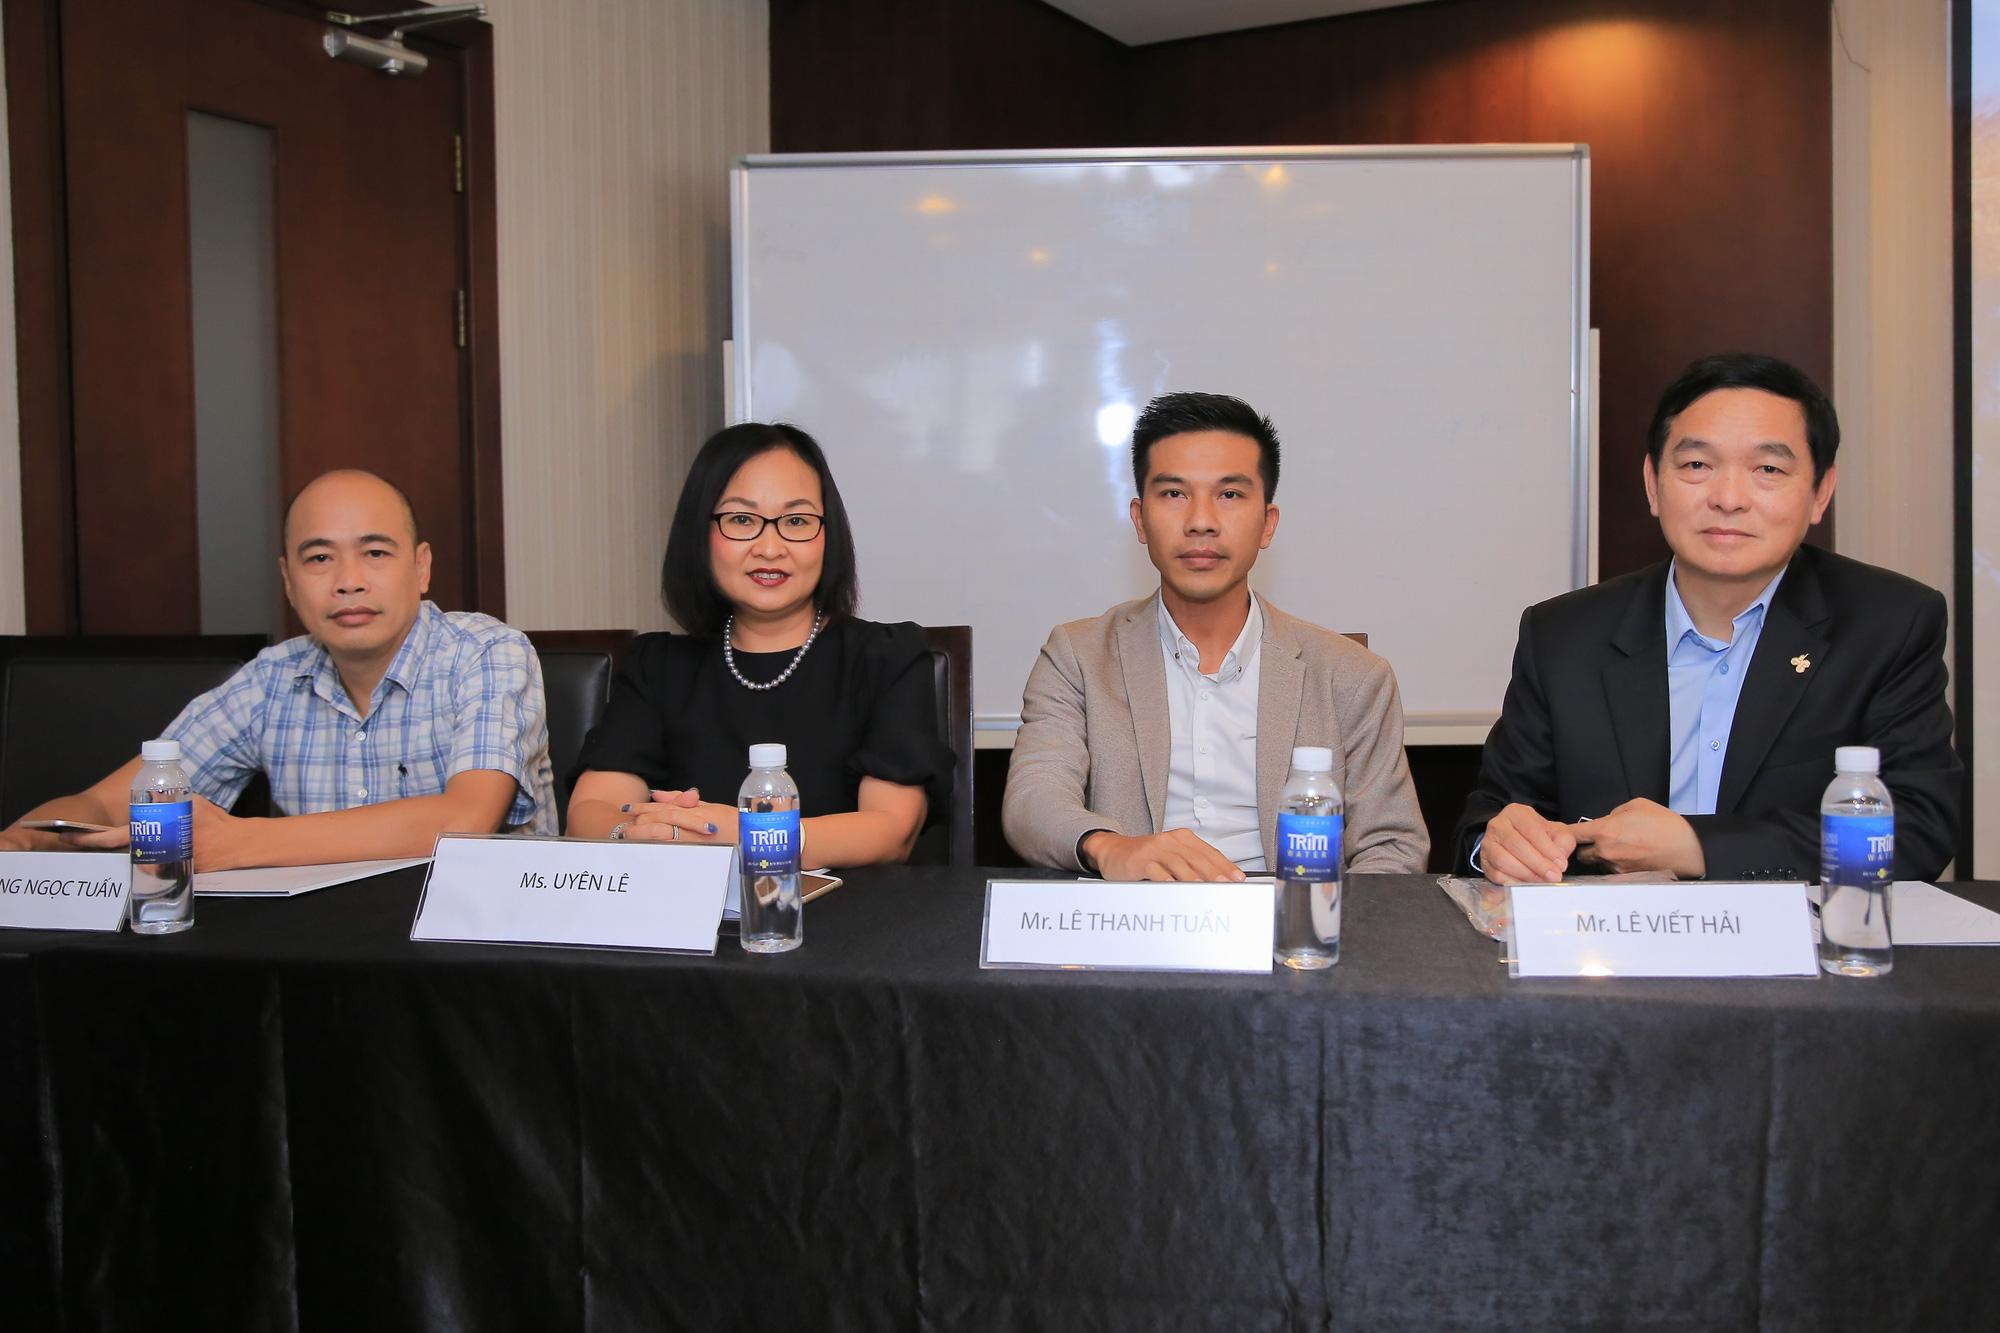 Nghệ sĩ Việt làm show Broadway gây quỹ ủng hộ miền Trung - Ảnh 4.